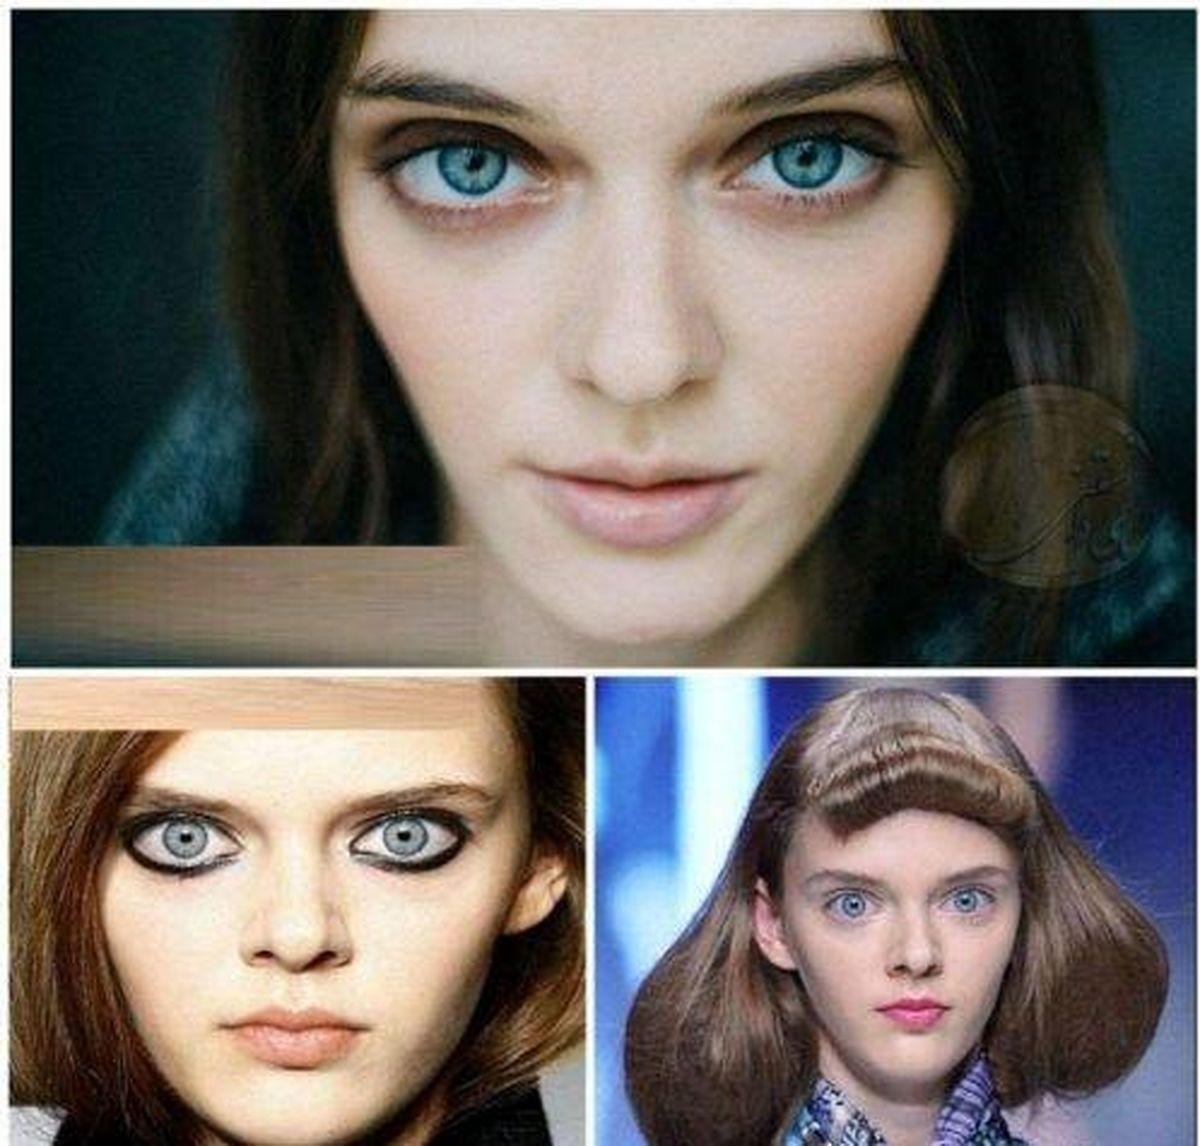 قیافه ترسناک دختر جوان او را تبدیل به مدل معروف کرد! + عکس